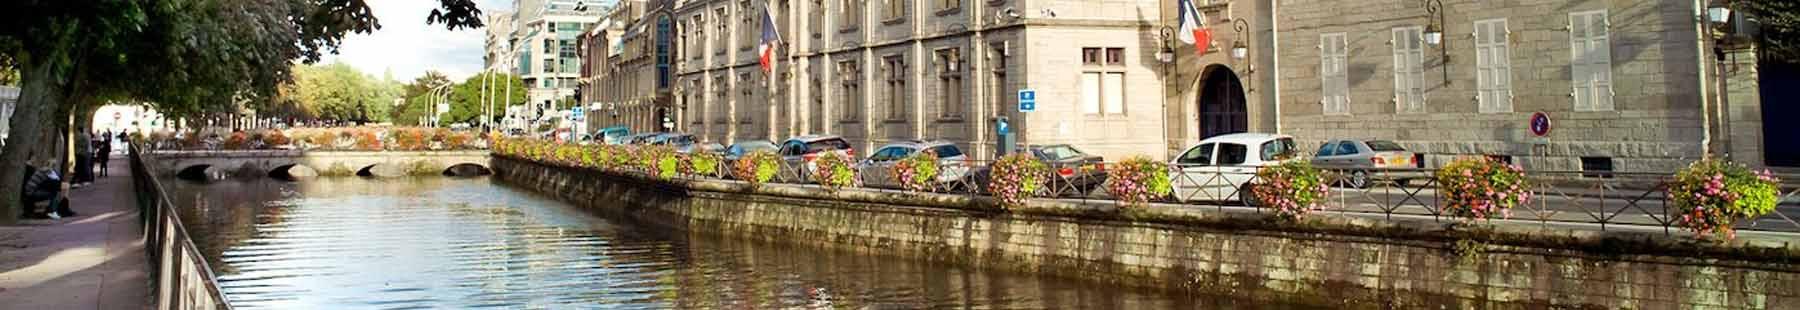 Savoir-faire bretons : de Quimper à Pont-Aven